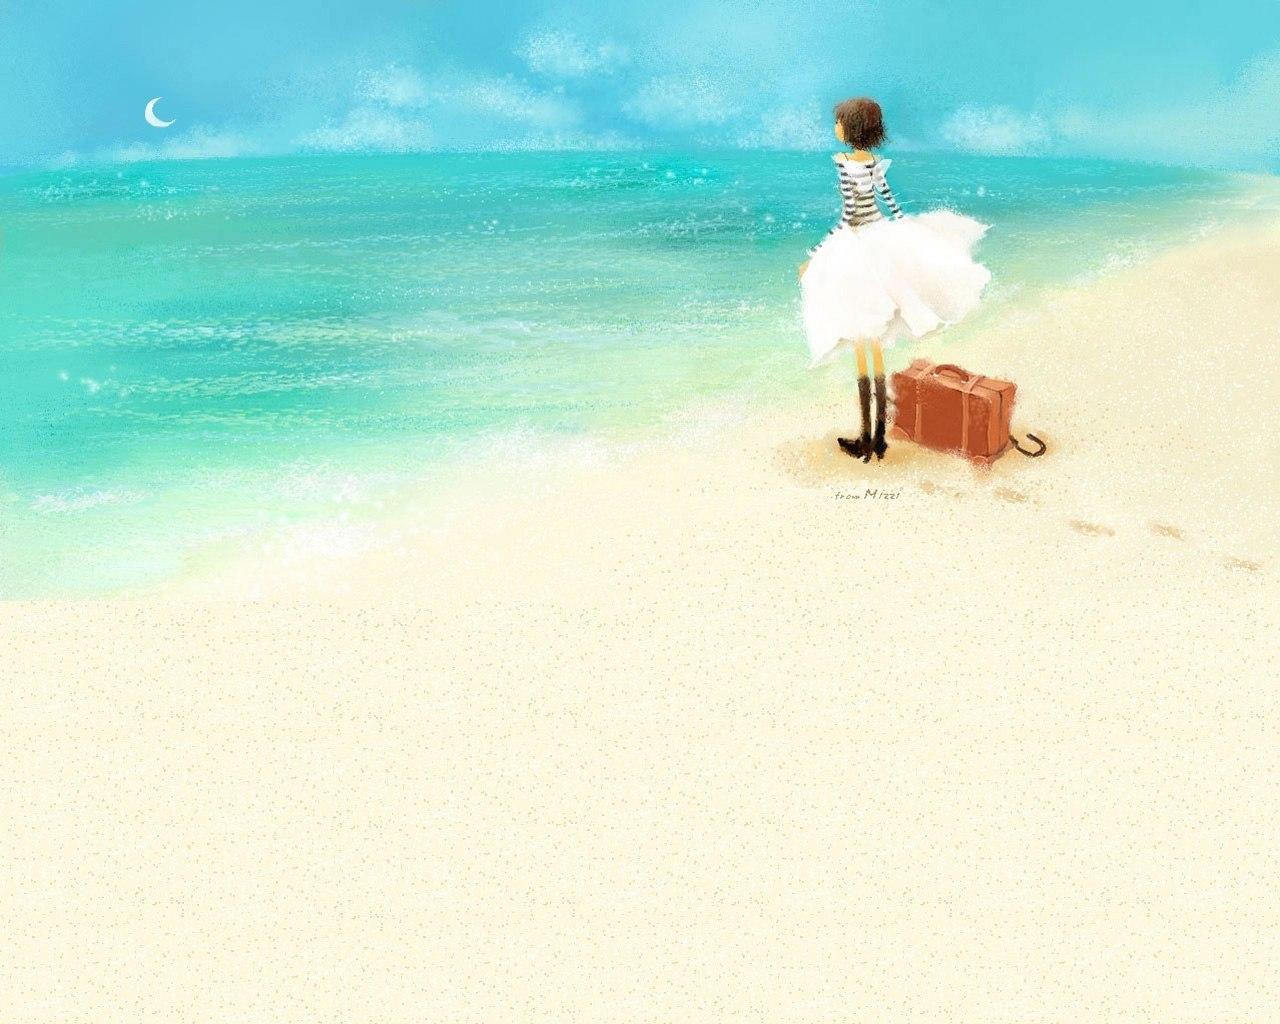 41775 скачать обои Пейзаж, Море, Рисунки - заставки и картинки бесплатно